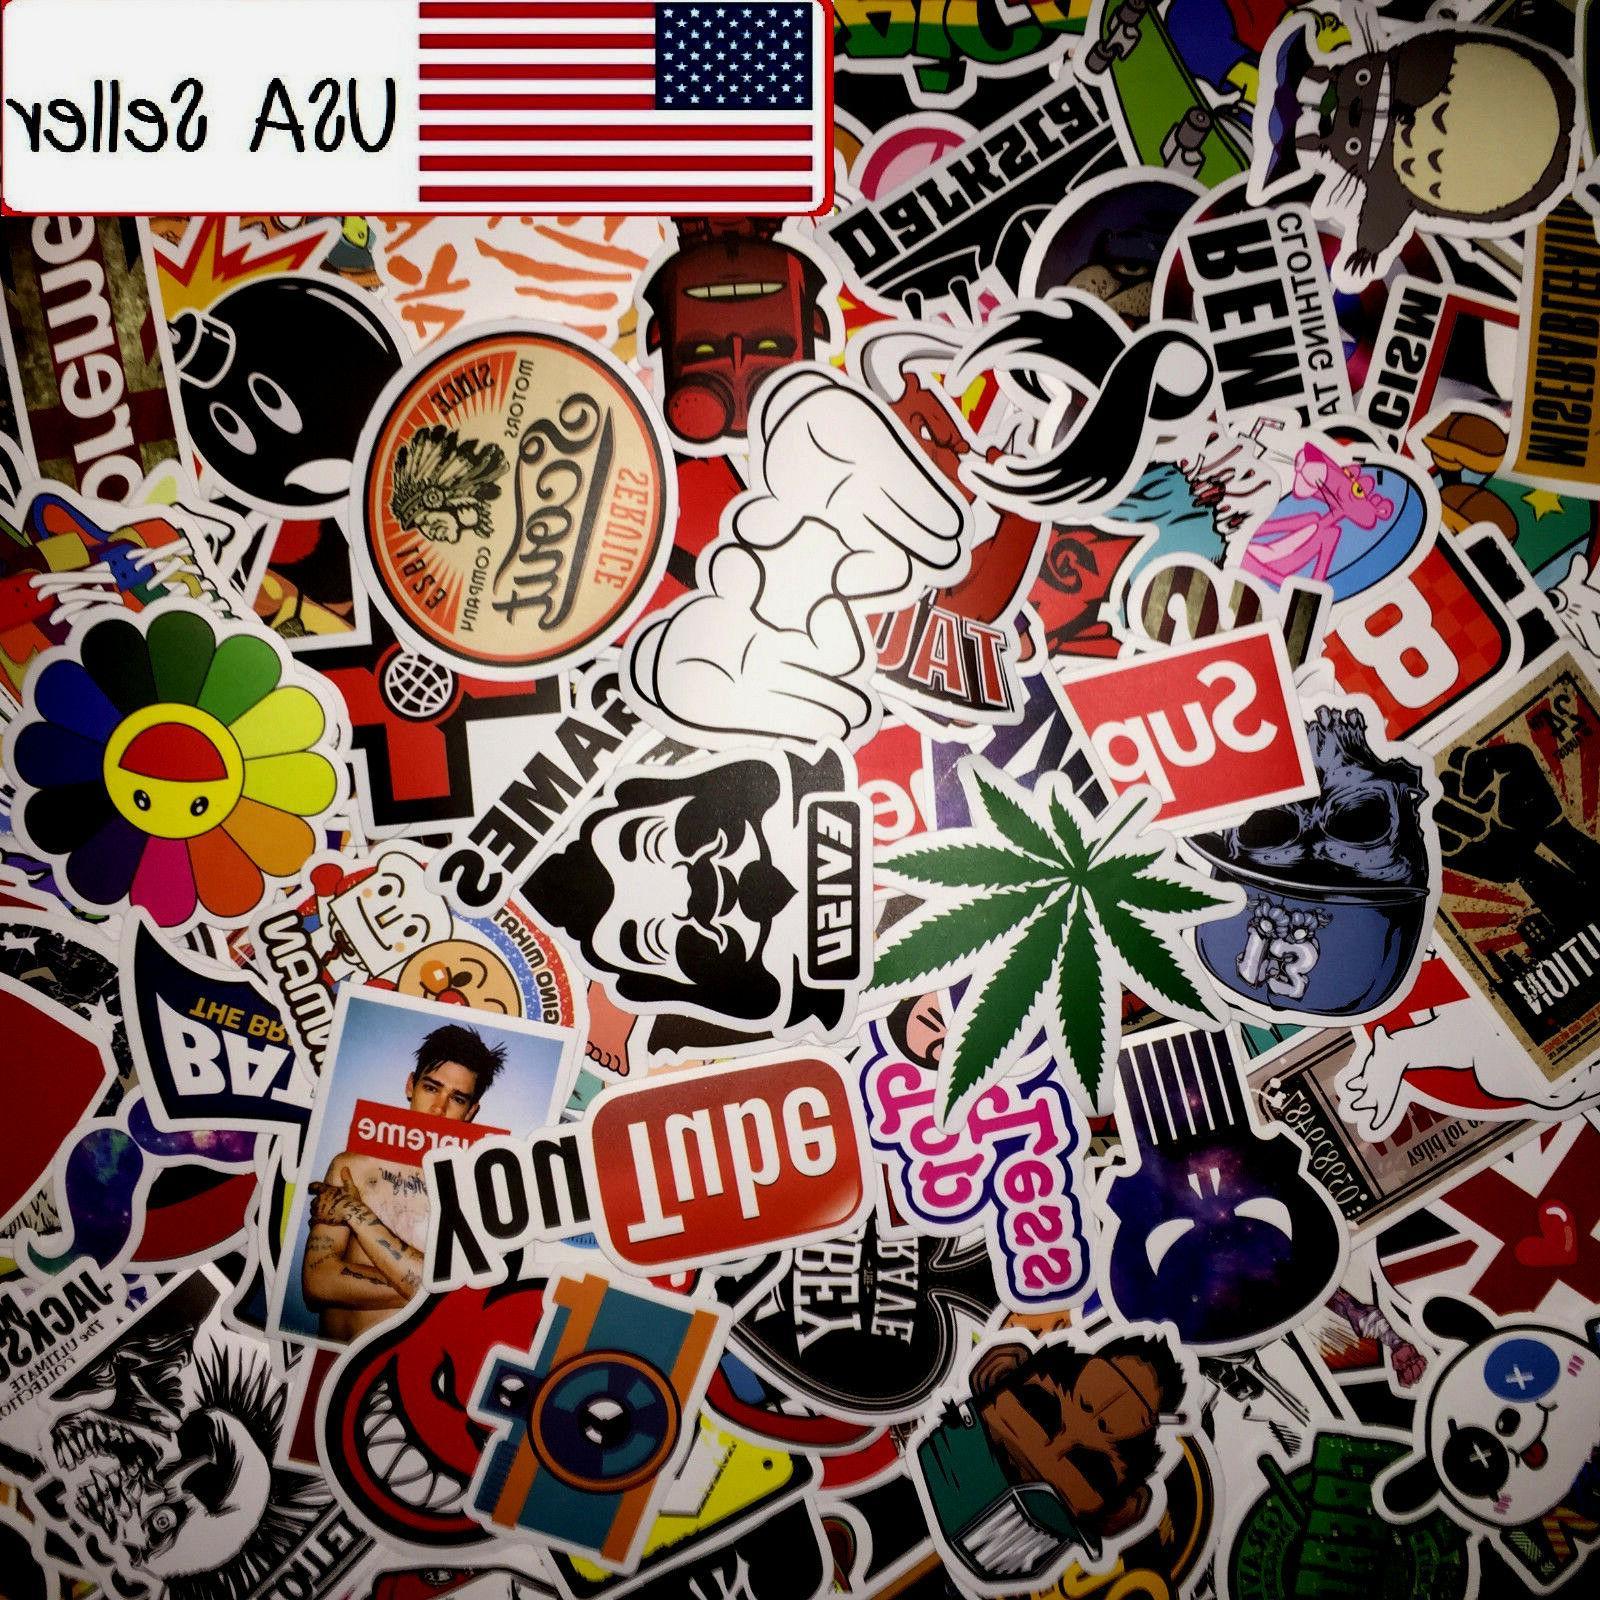 50 Stickers Vinyl Dope